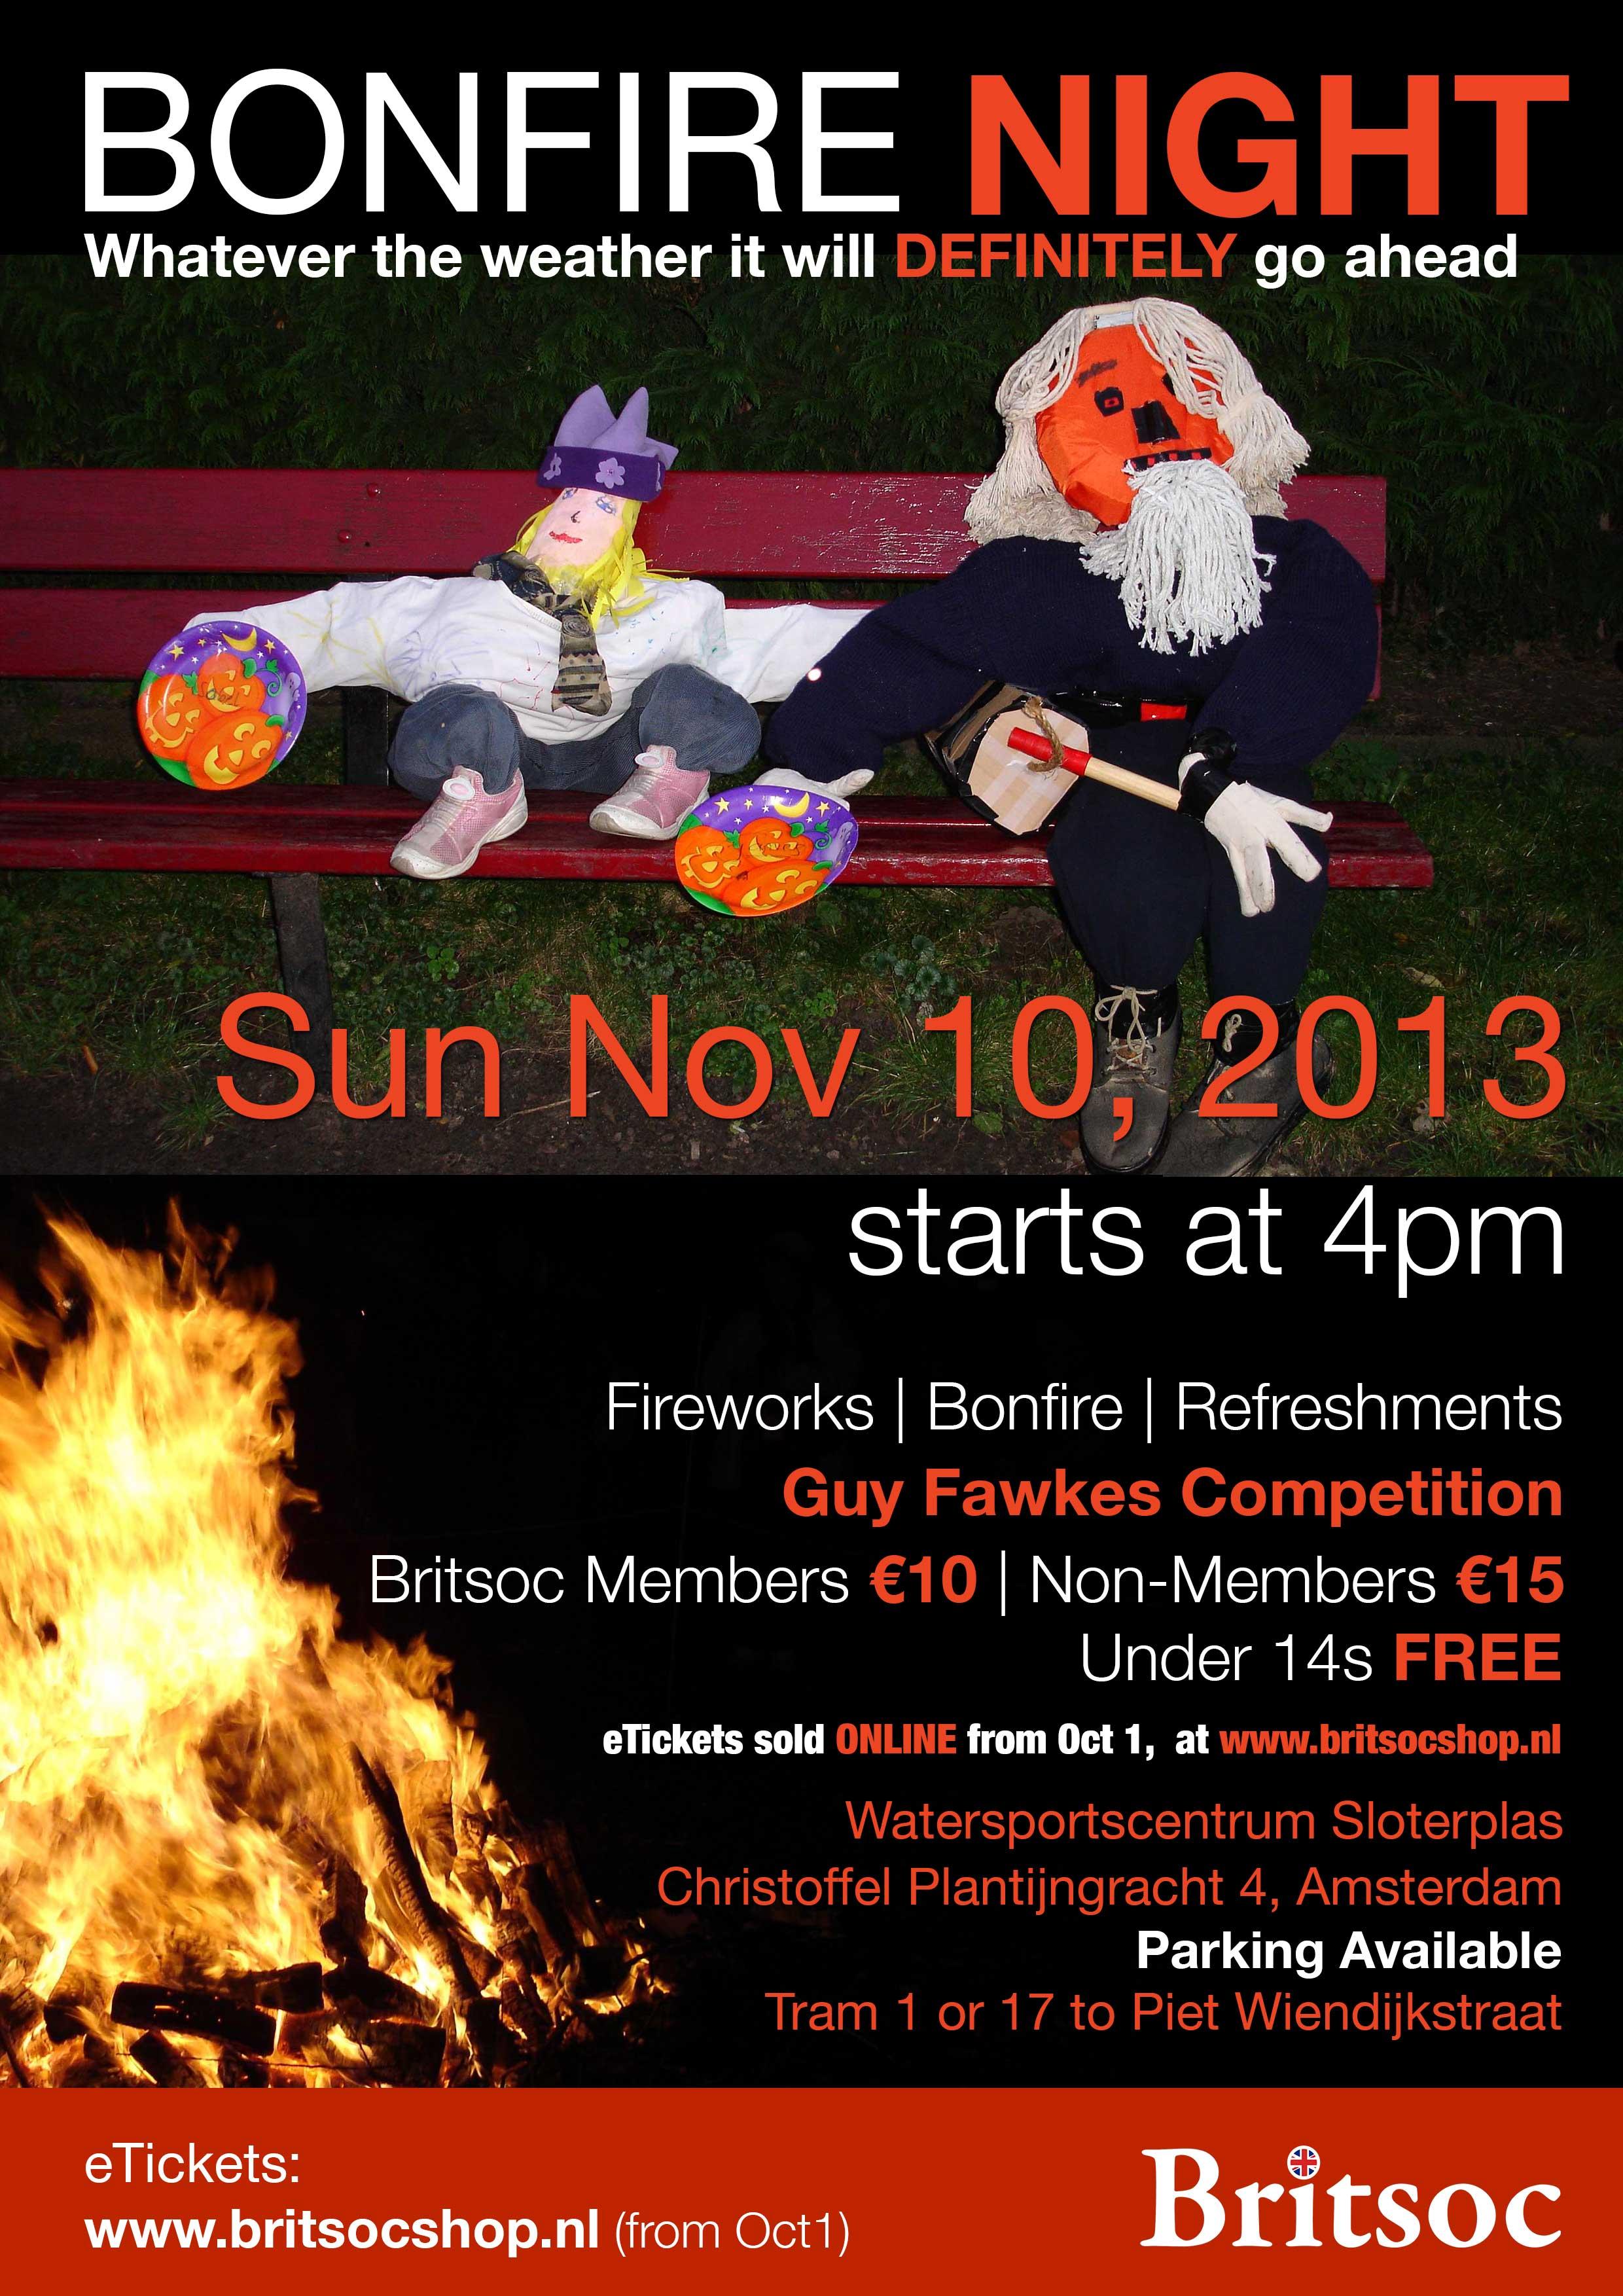 2013-Bonfire-Night-Poster-eTickets